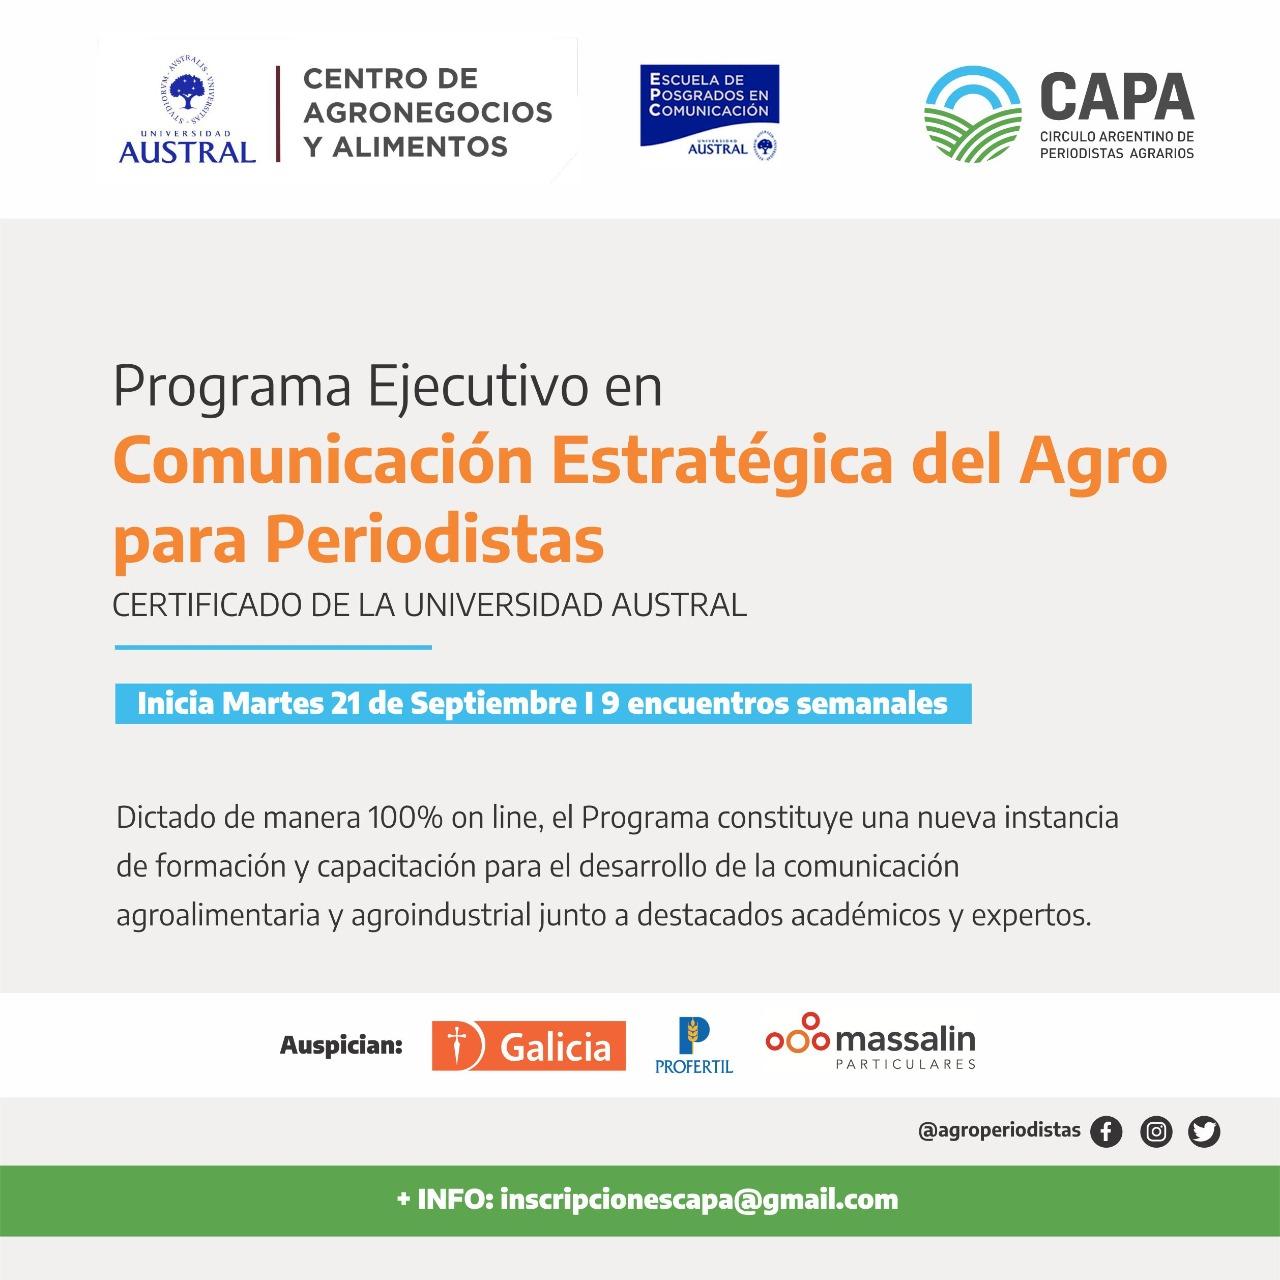 El 21 de septiembre comienza el Programa de Comunicación Estratégica del Agro para Periodistas